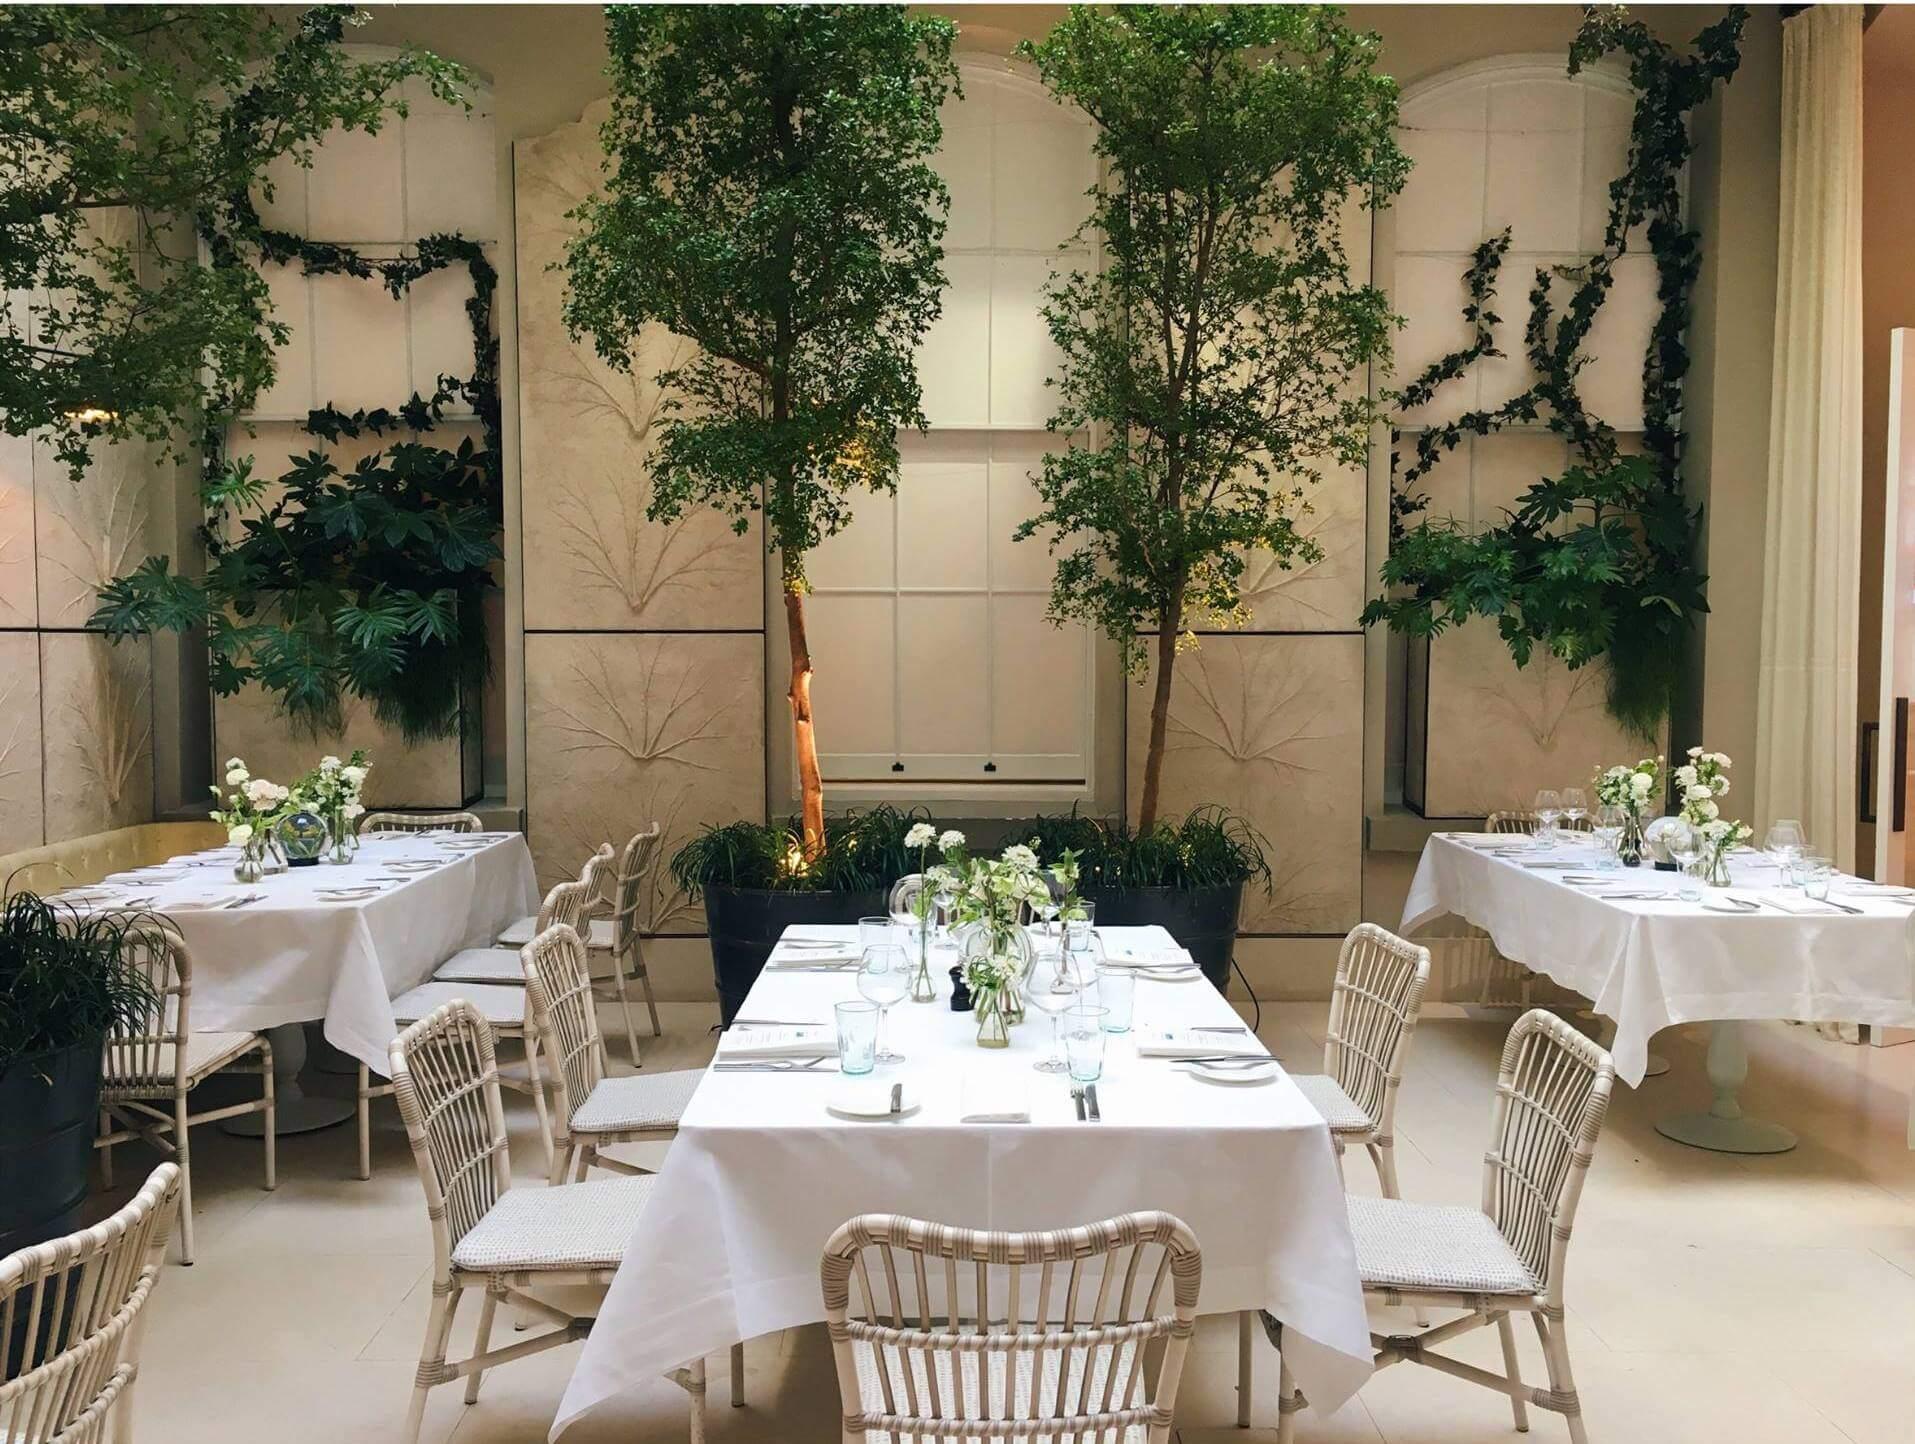 Spring Restaurant London - The world's best restaurant interior designs